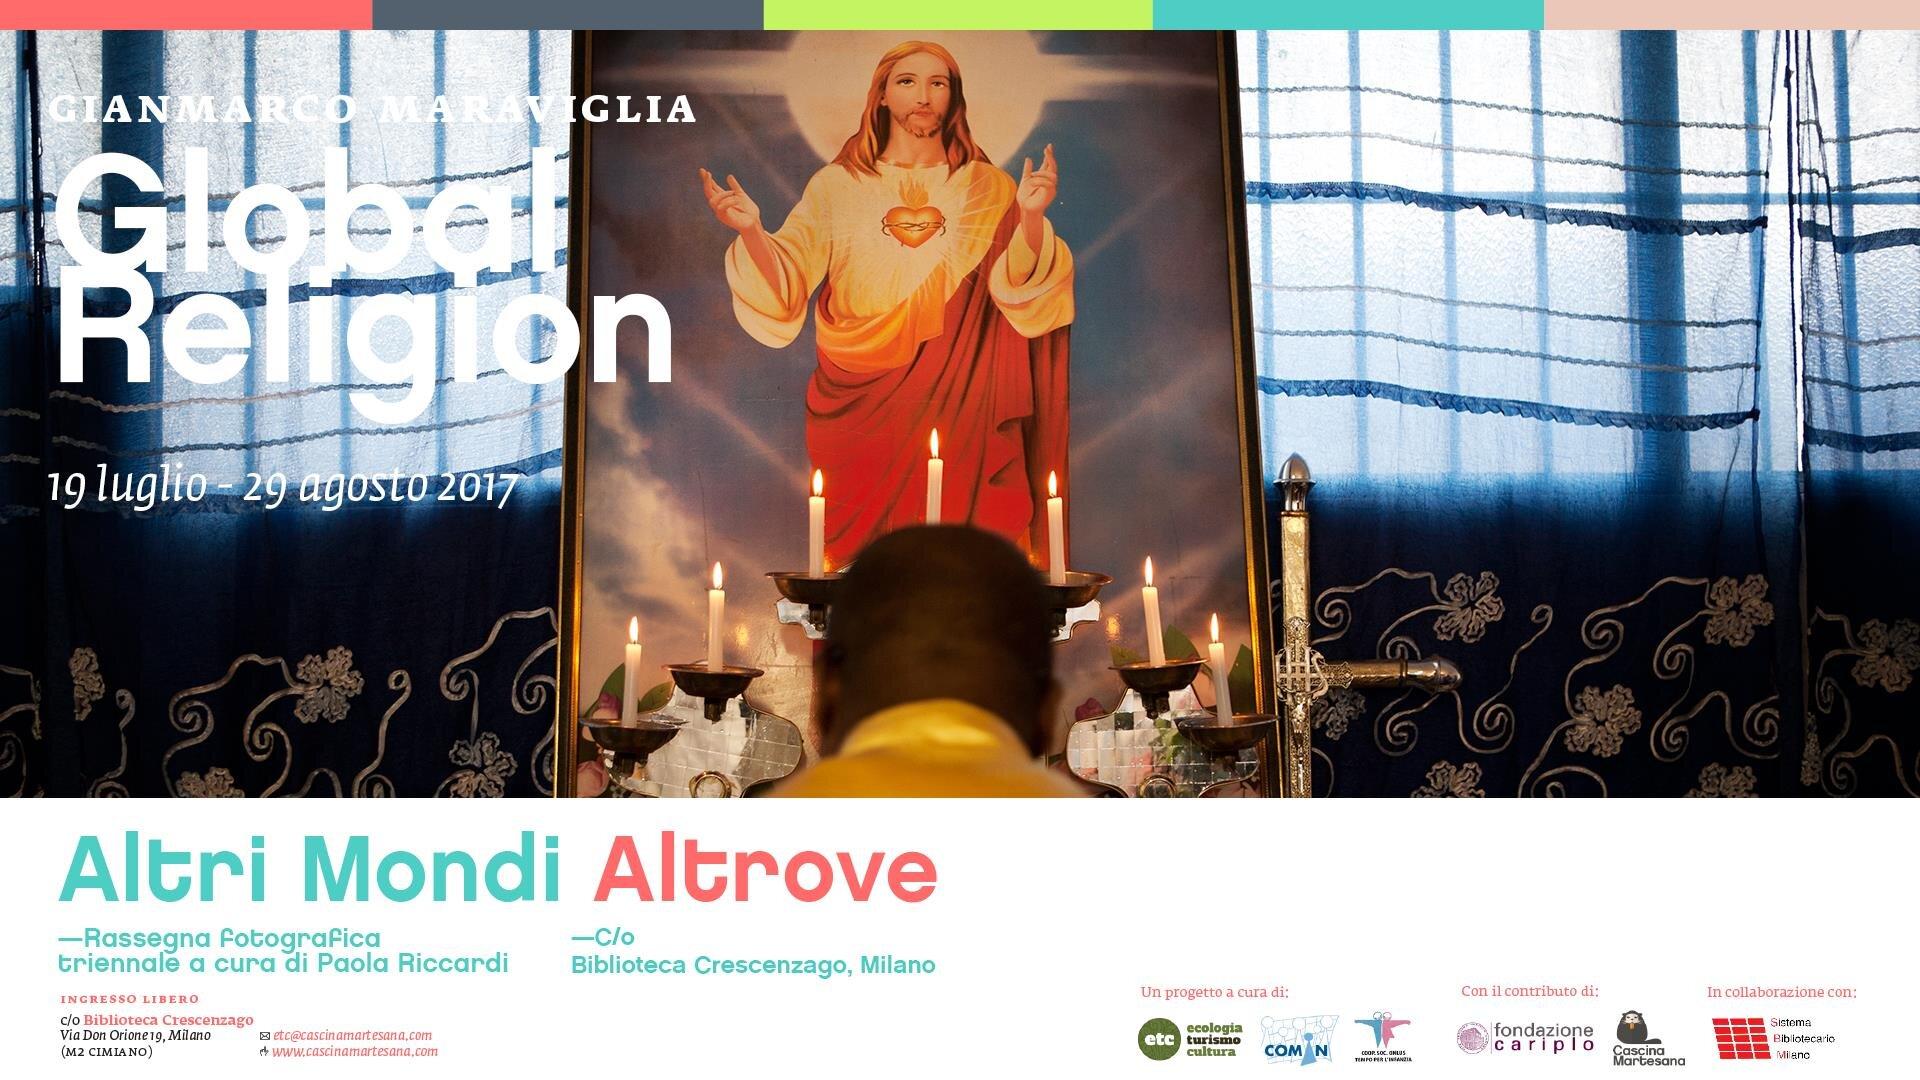 Global Religion - El Bagnin de Gorla GalleryMilan | ItalyCurator: Paola Riccardi